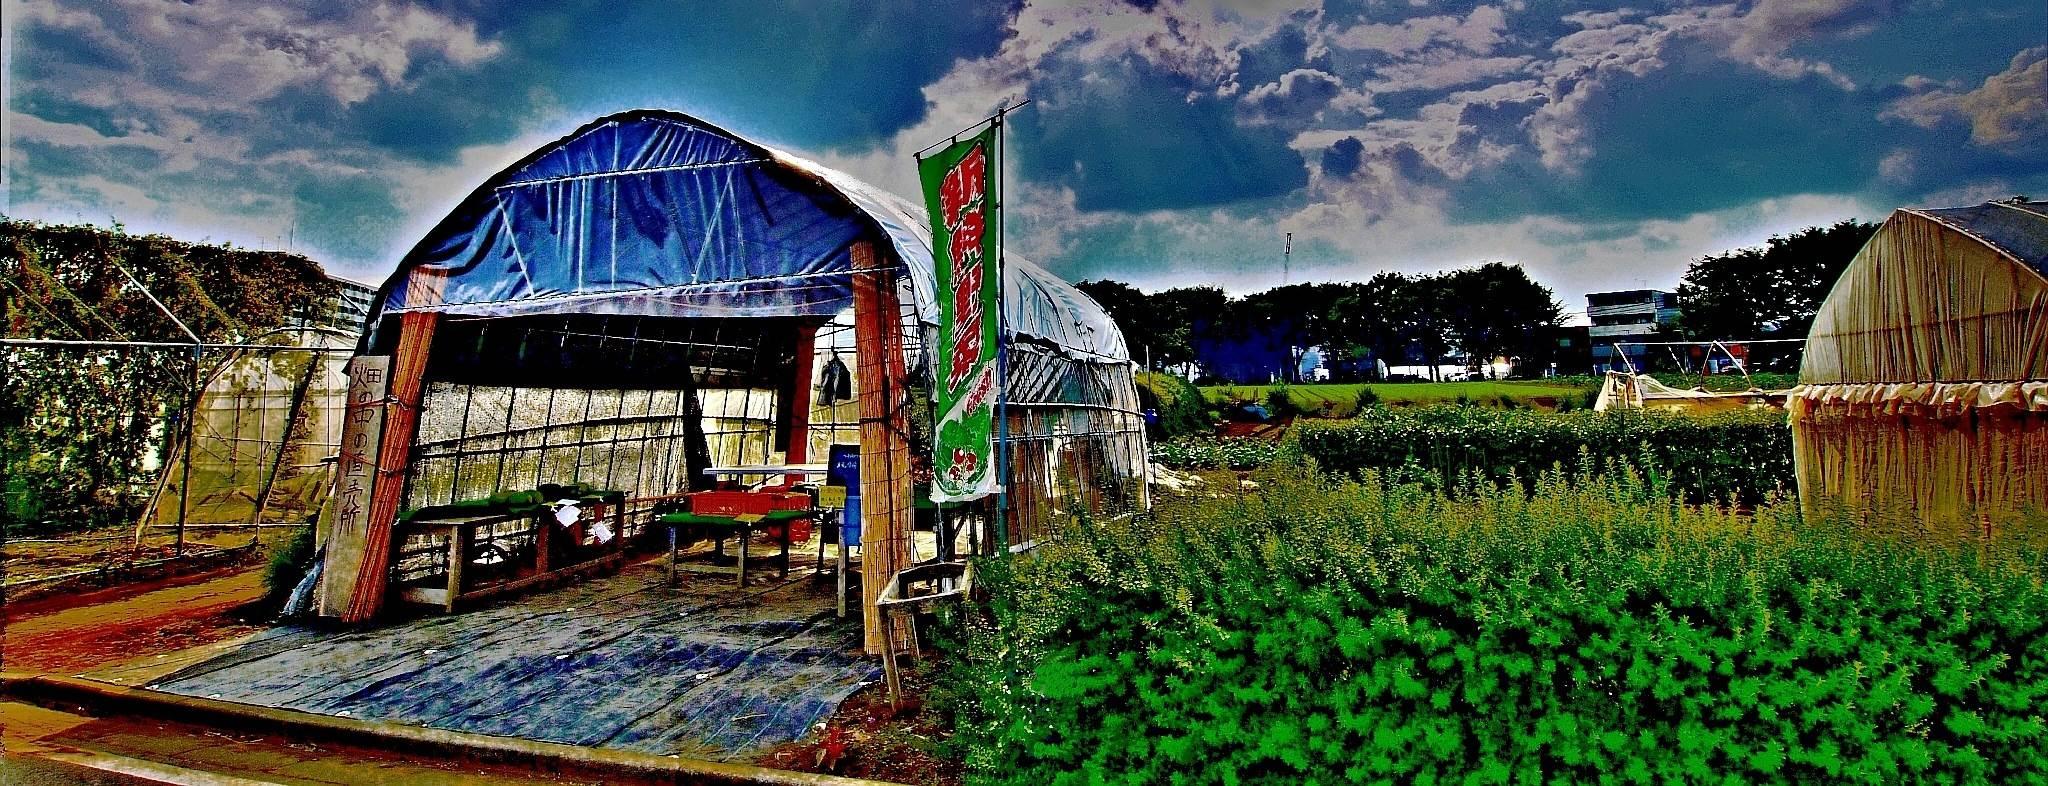 清瀬市上清戸の畑の農産物直売所